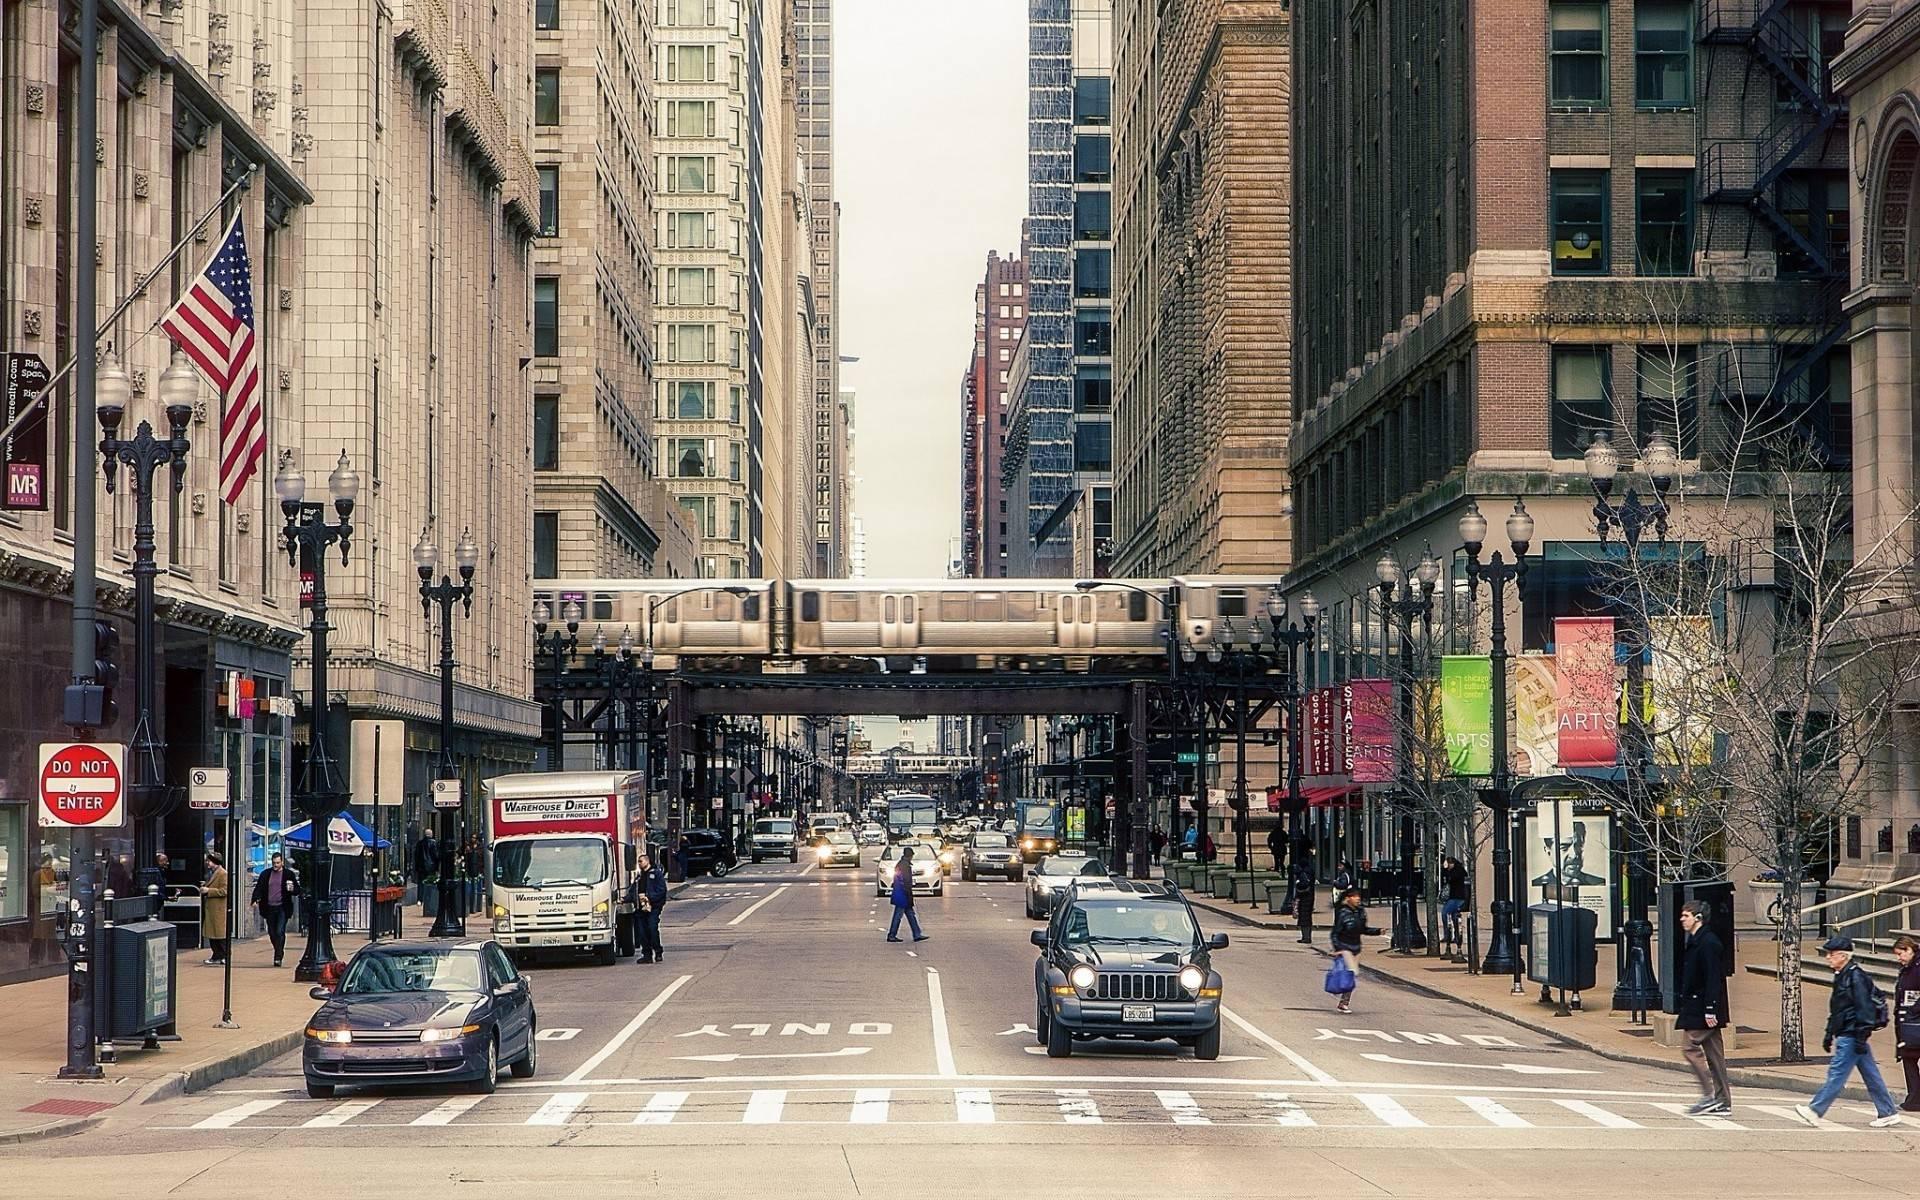 улица, Нью-Йорк, дорога